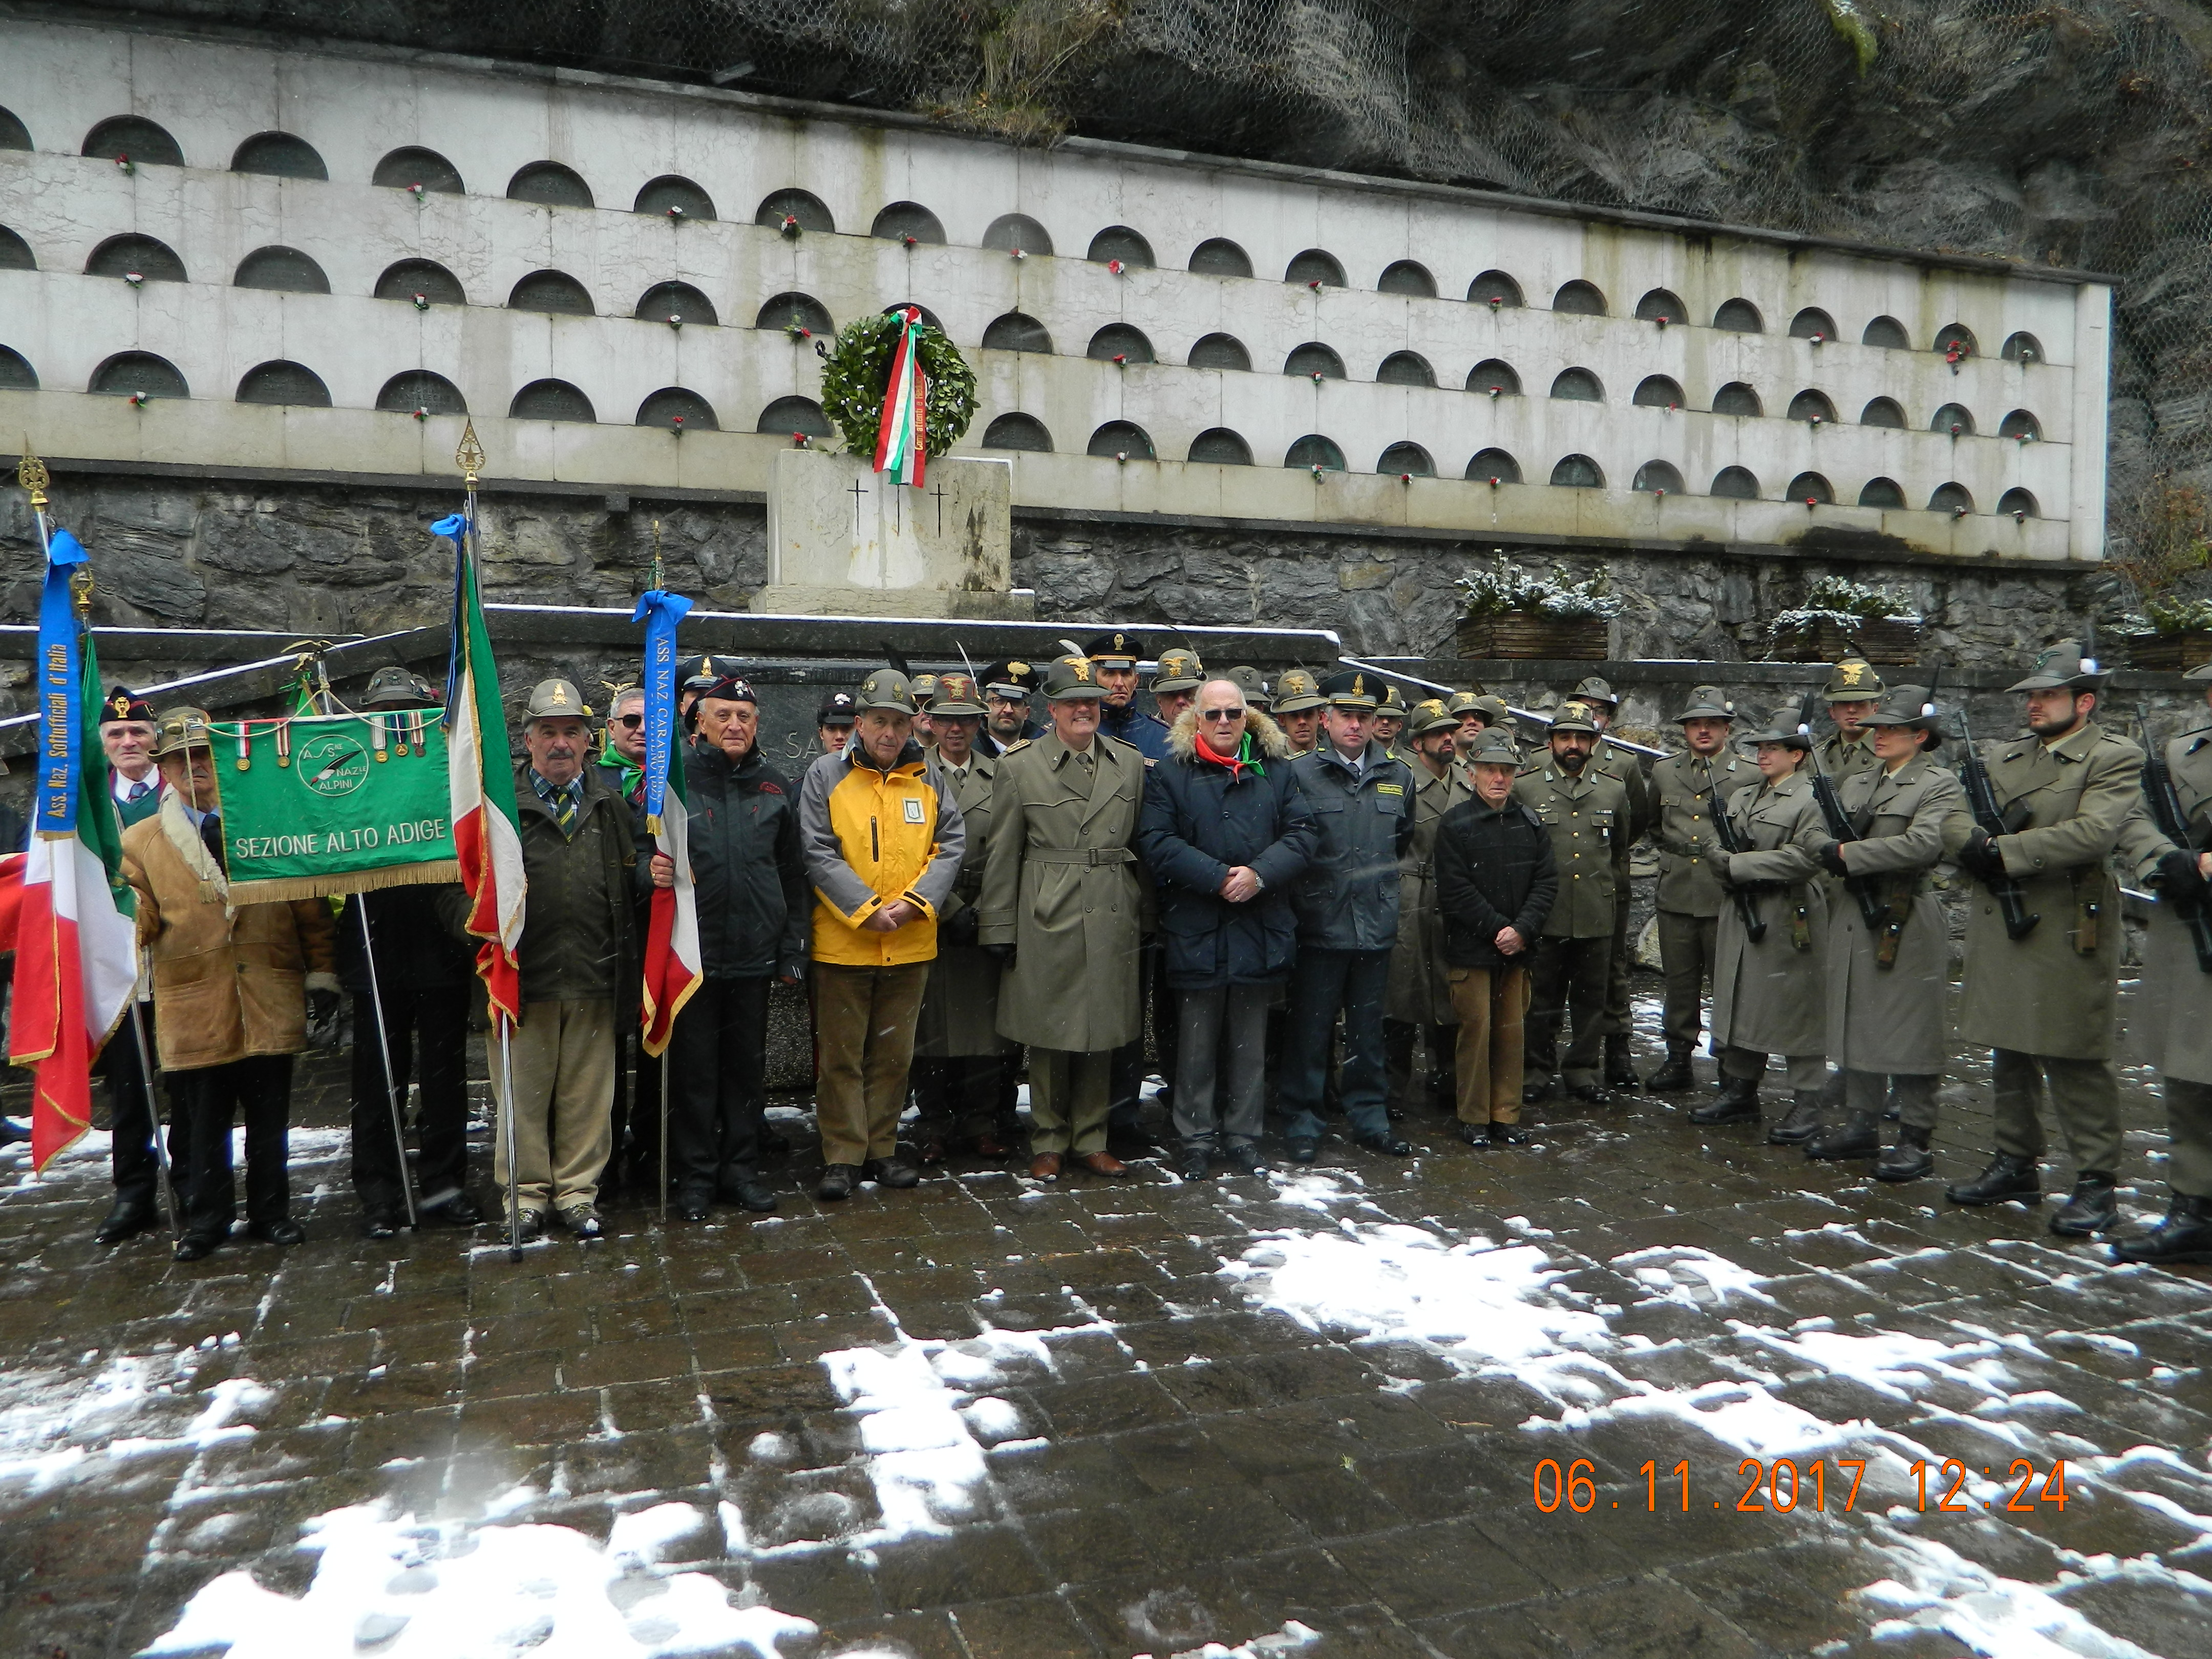 Notiziario: FEDERAZIONE DI BOLZANO E TRENTO: VIPITENO, COLLE ISARCO ...